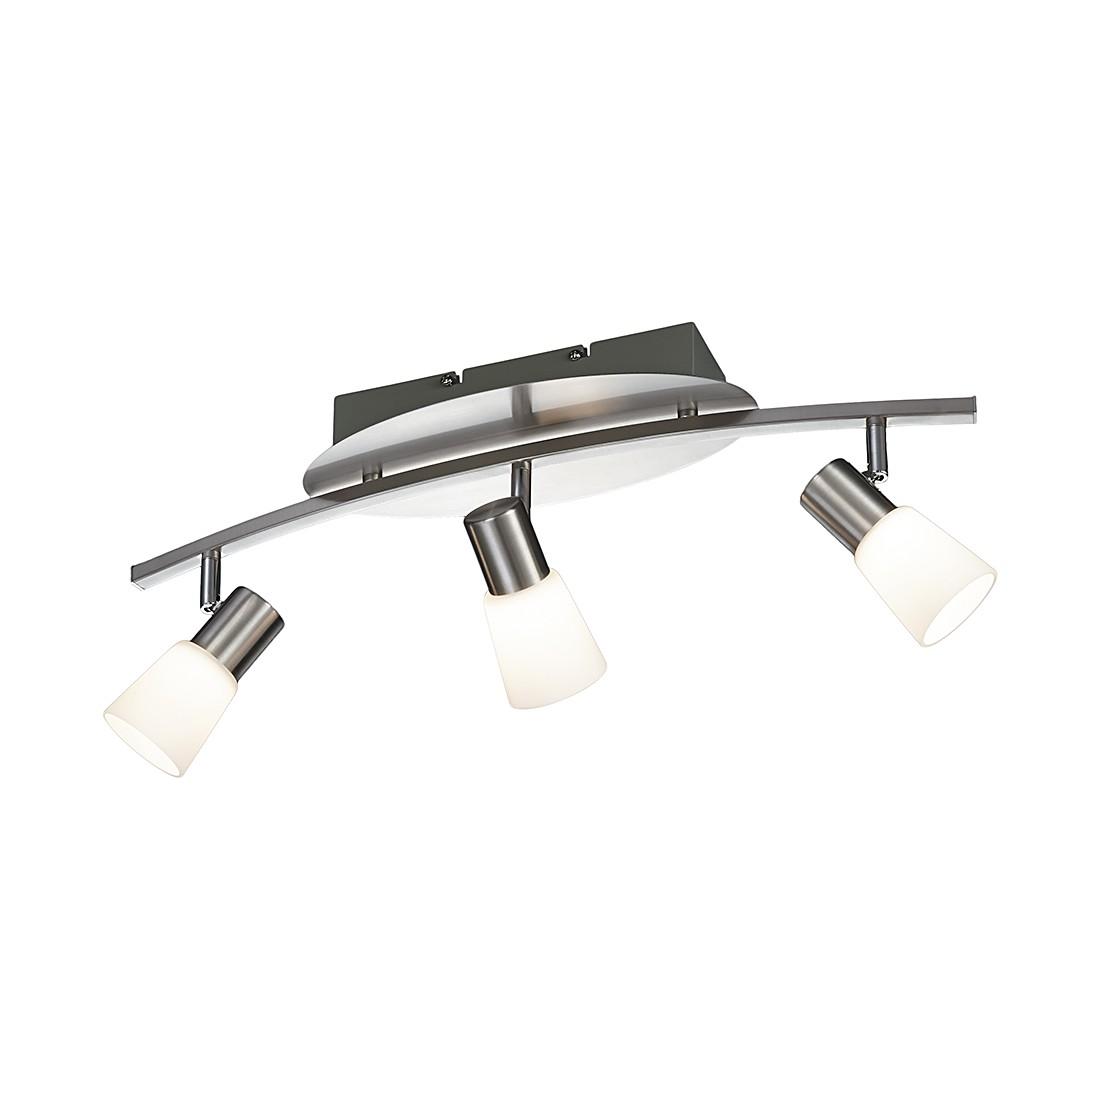 EEK A+, LED-Balken – Nickel – 3-flammig, Trio jetzt bestellen